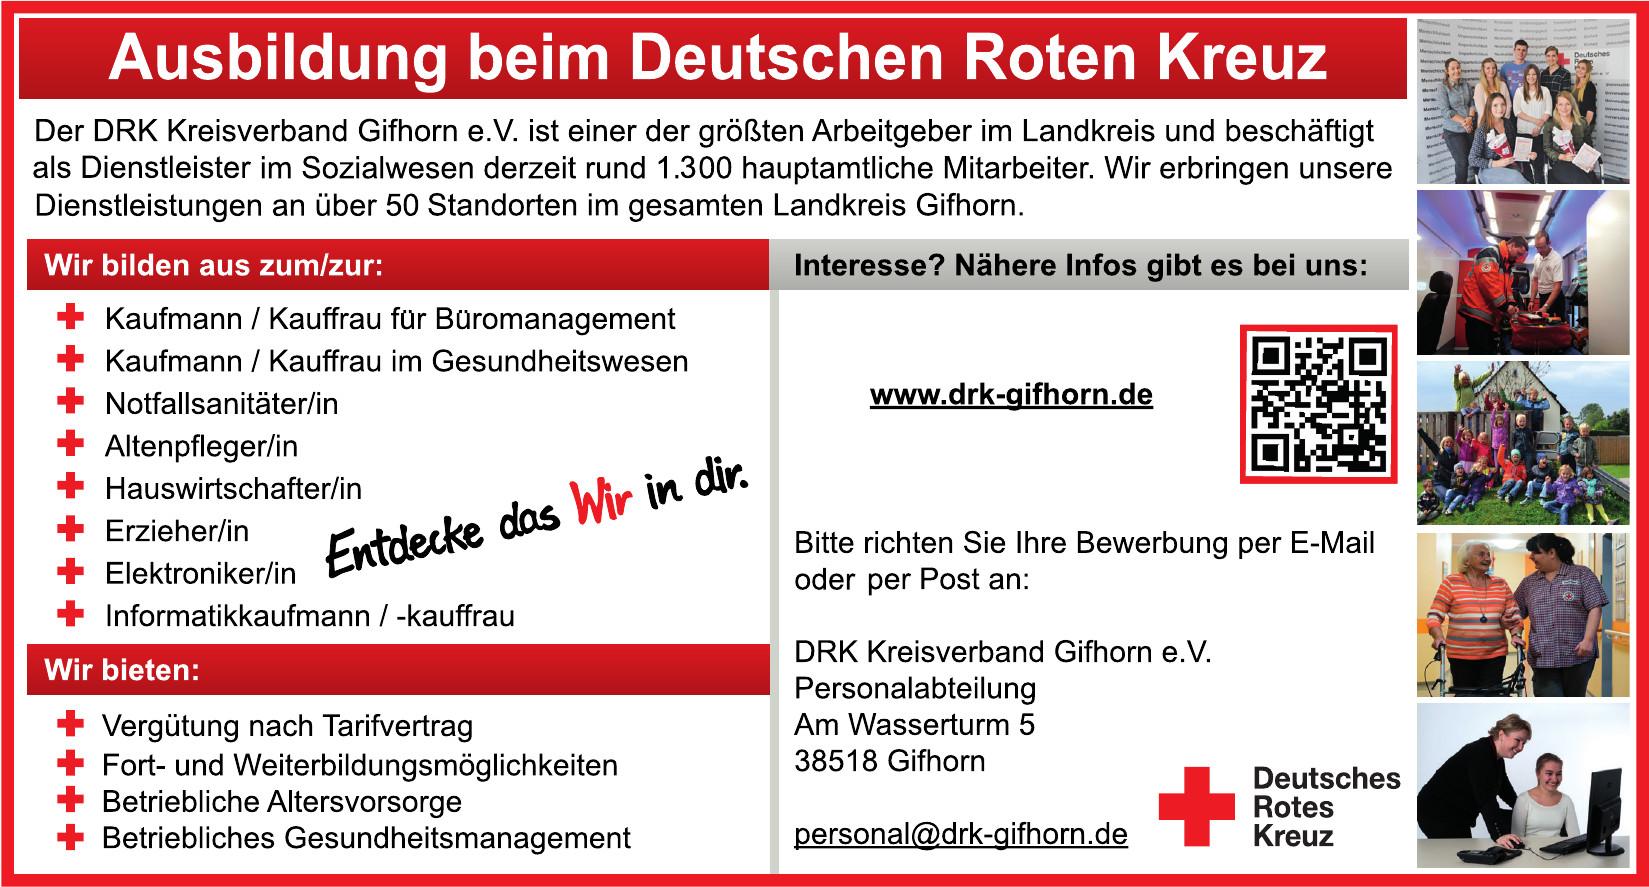 DRK Kreisverband Gifhorn e. V.